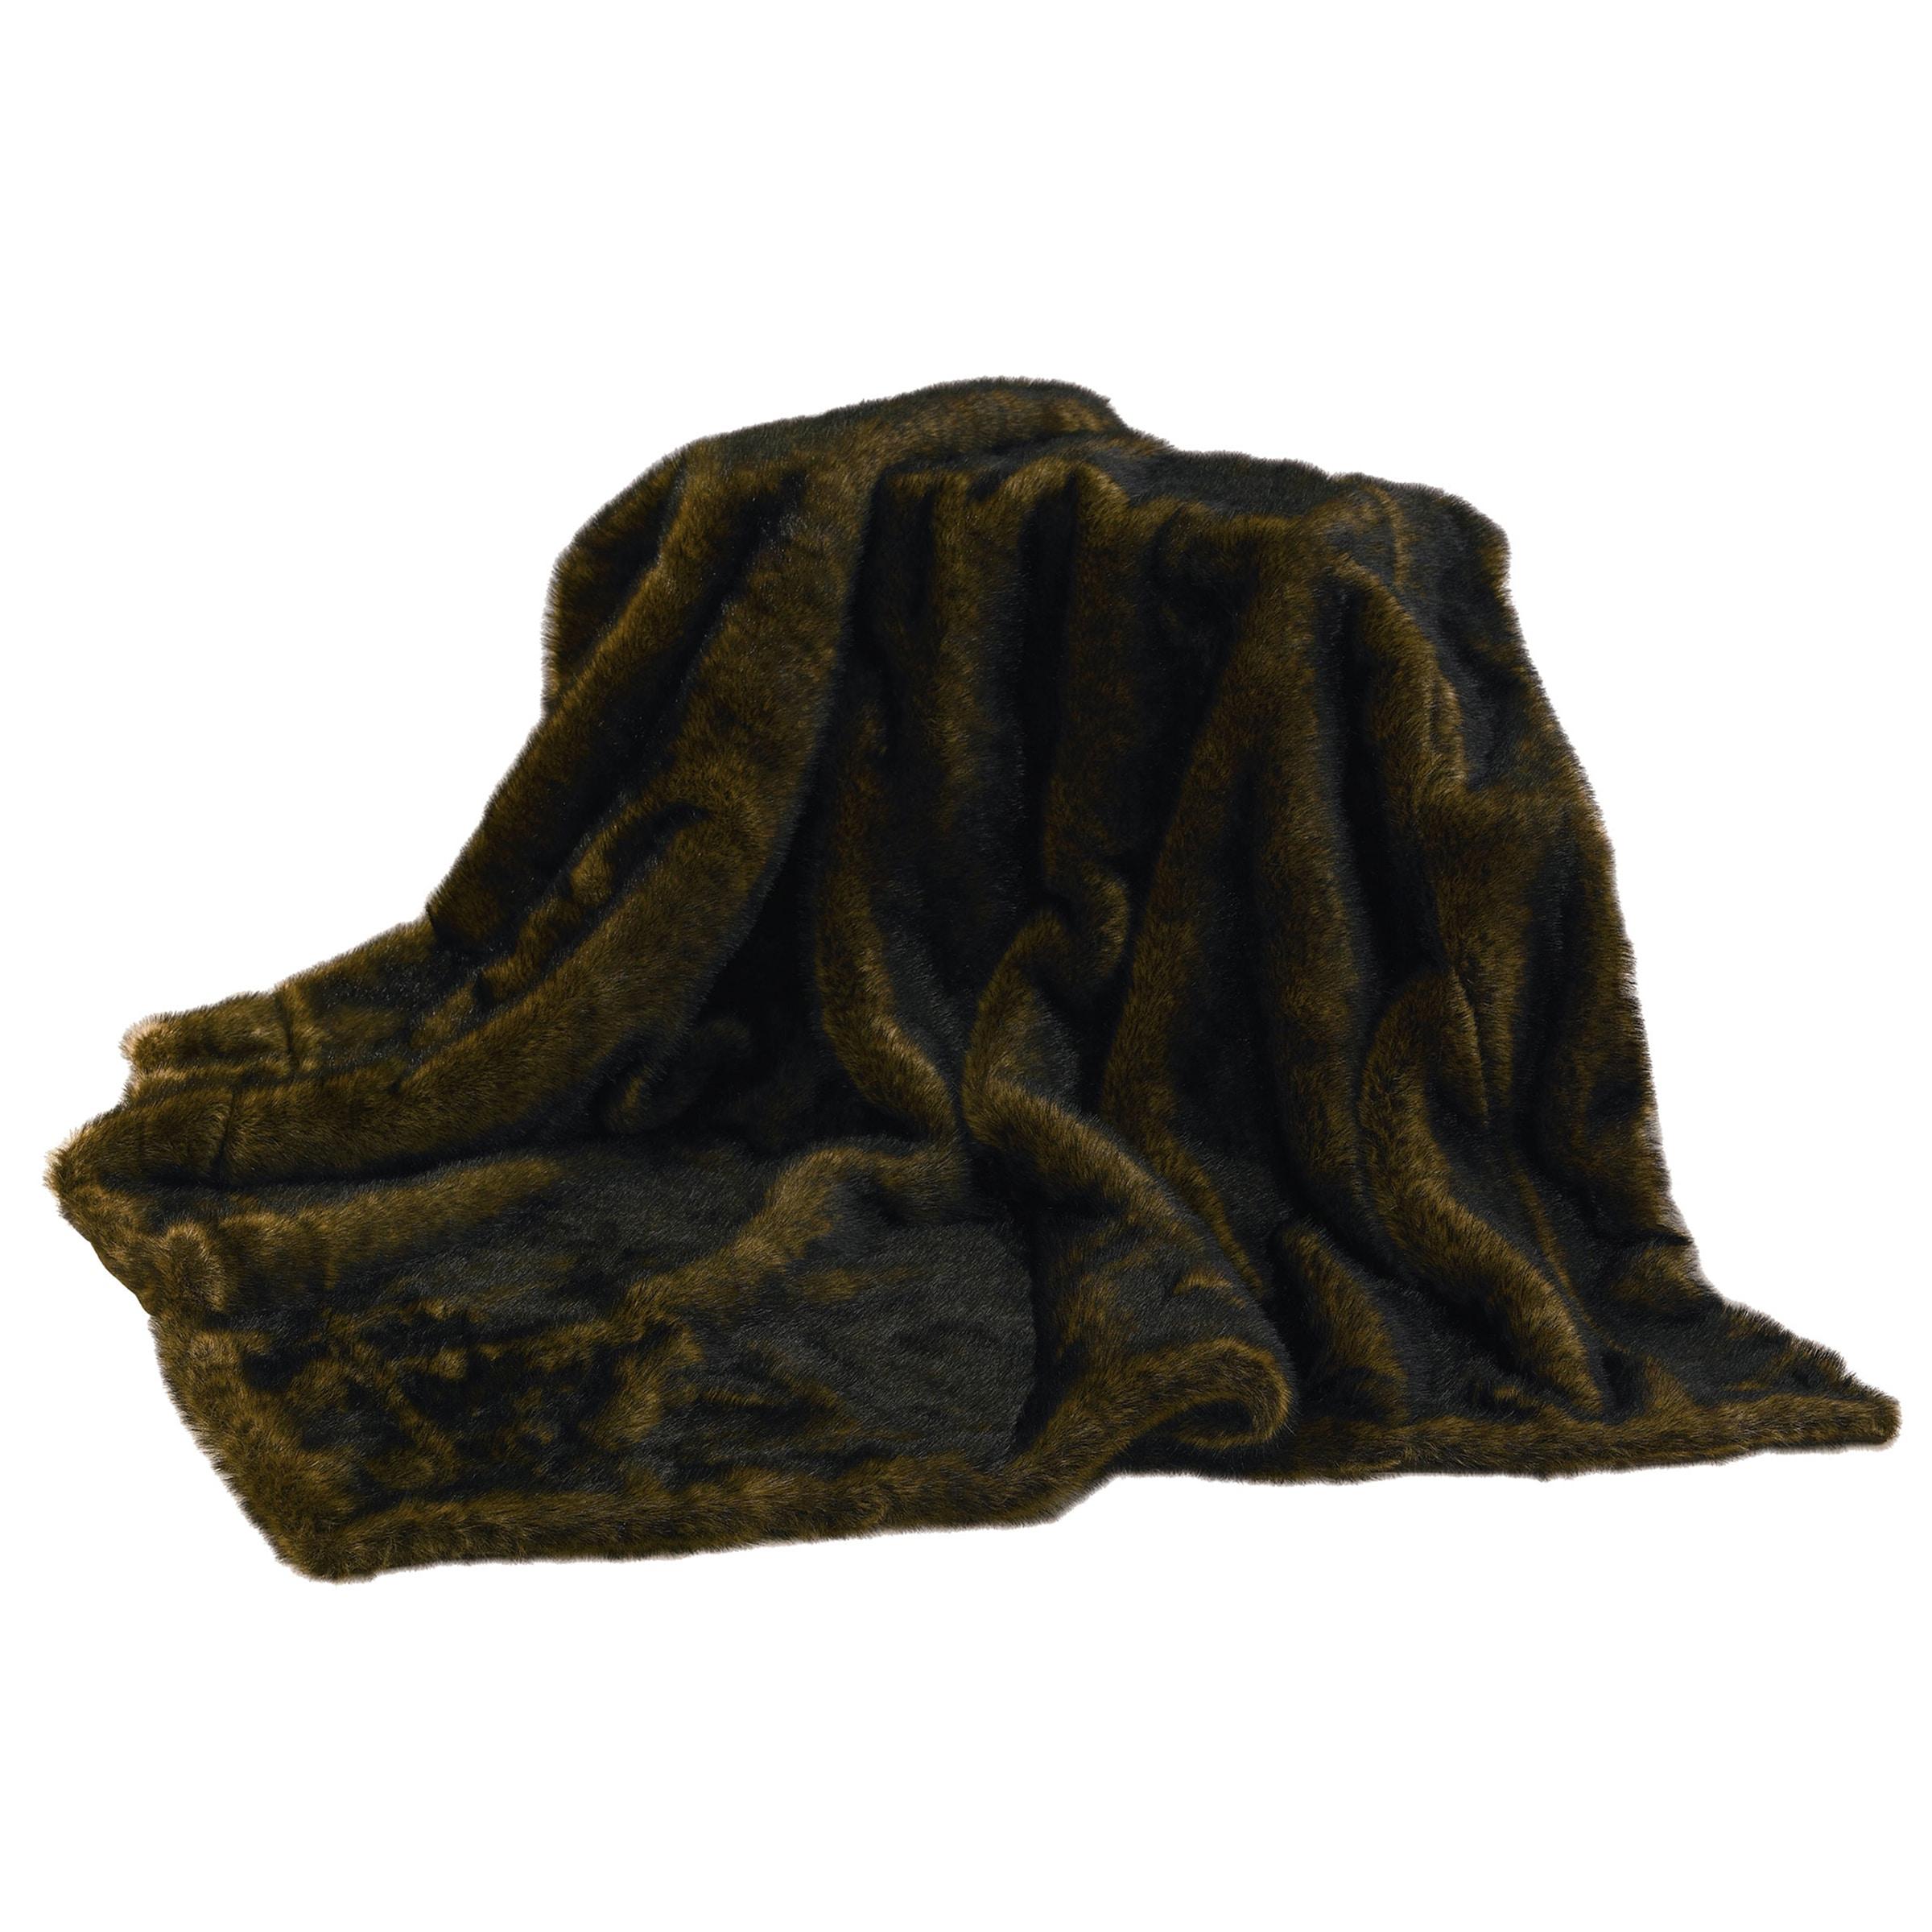 HiEnd Accents Brown Mink Faux Fur Throw (Brown Throw), Bl...